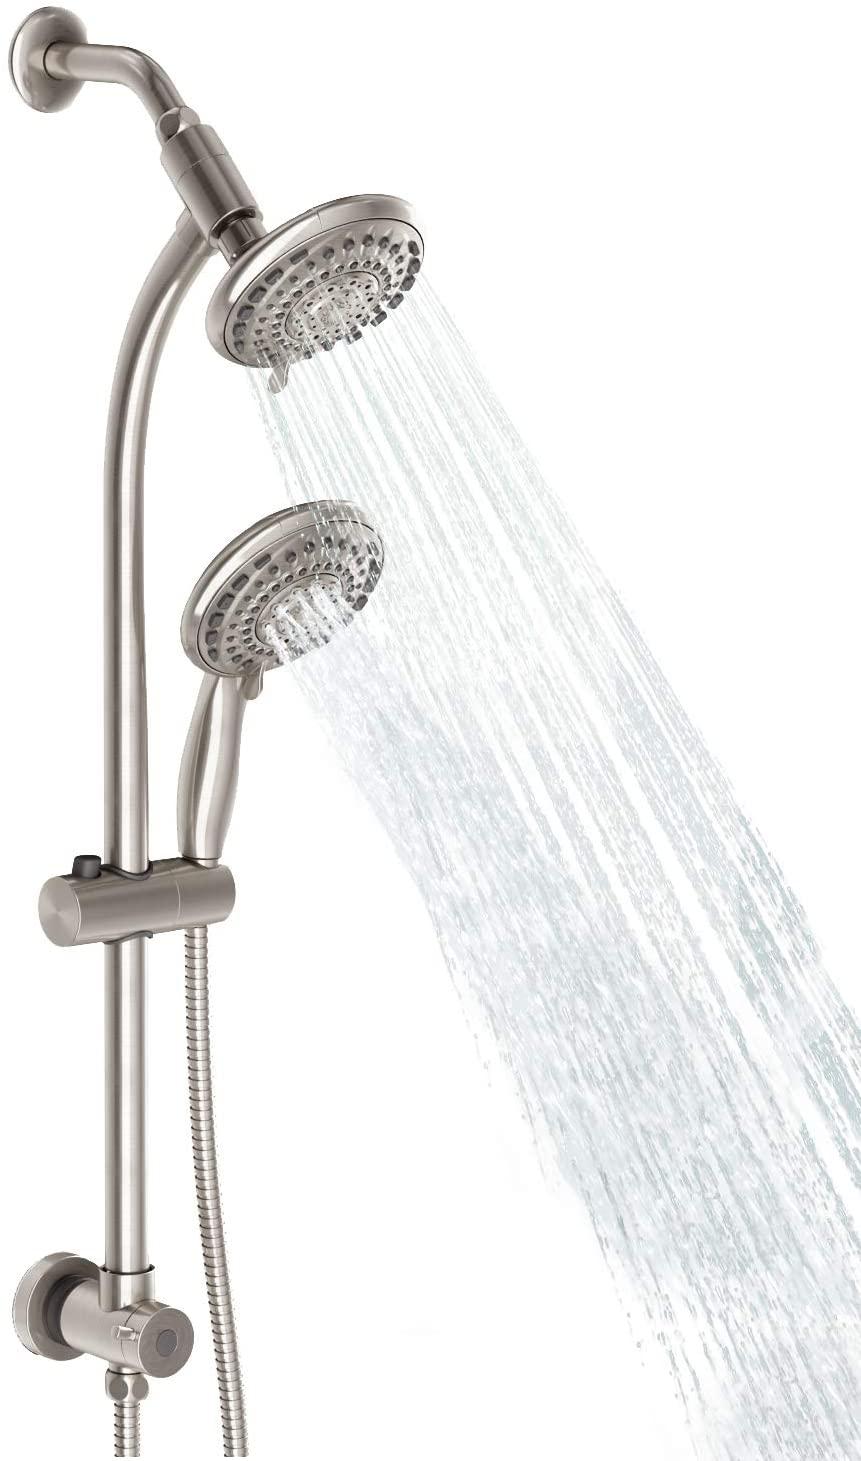 Egretshower Handheld Showerhead & Rain Shower Combo Spa, 27.5